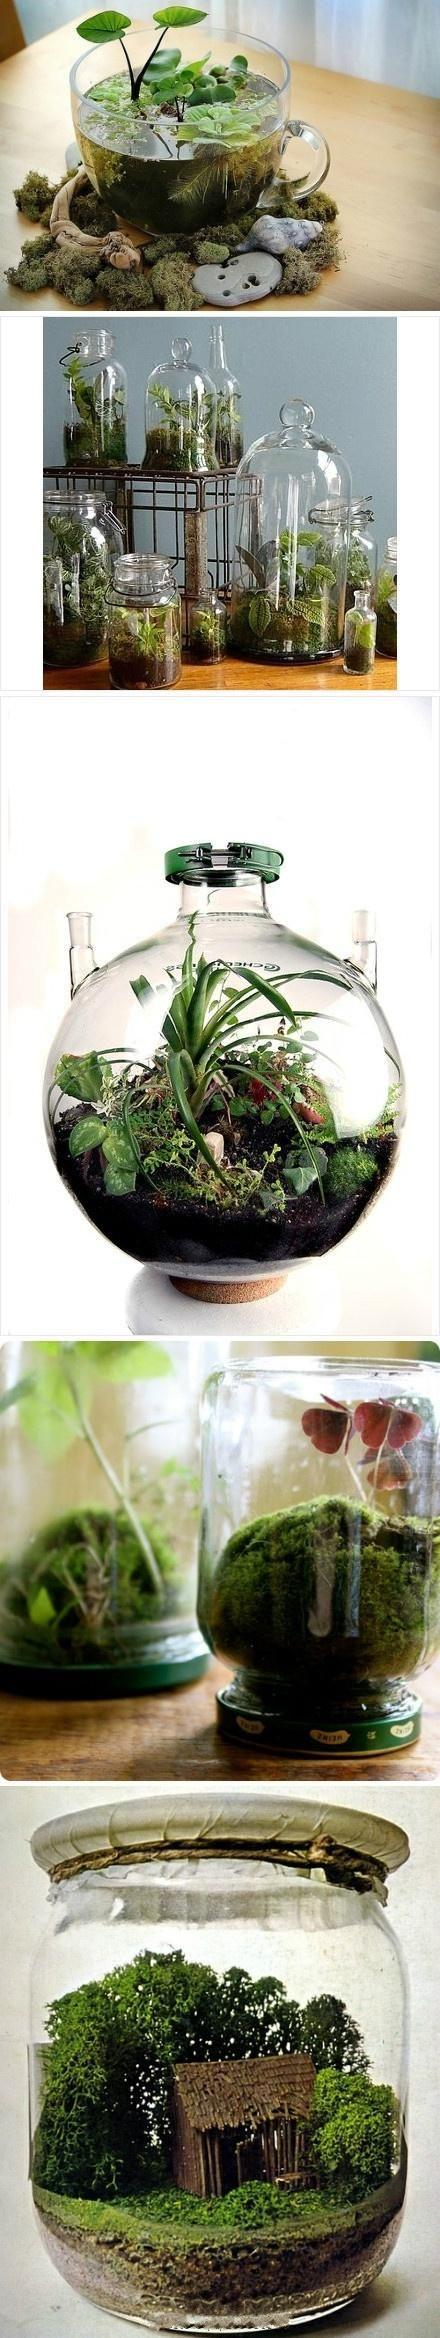 water and terrarium